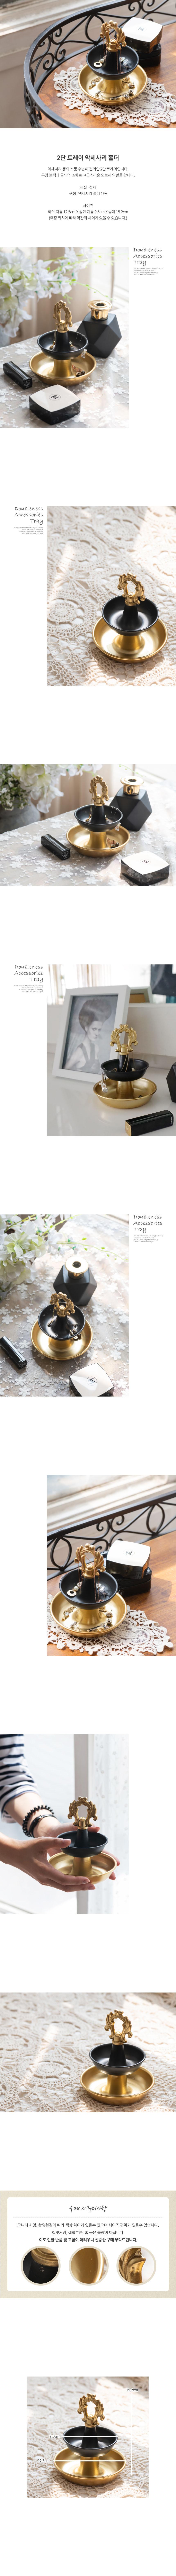 DS-S205 2단 골드블랙 악세사리 걸이 트레이 장식품 - 리빙톡톡, 18,000원, 장식소품, 기타 소품